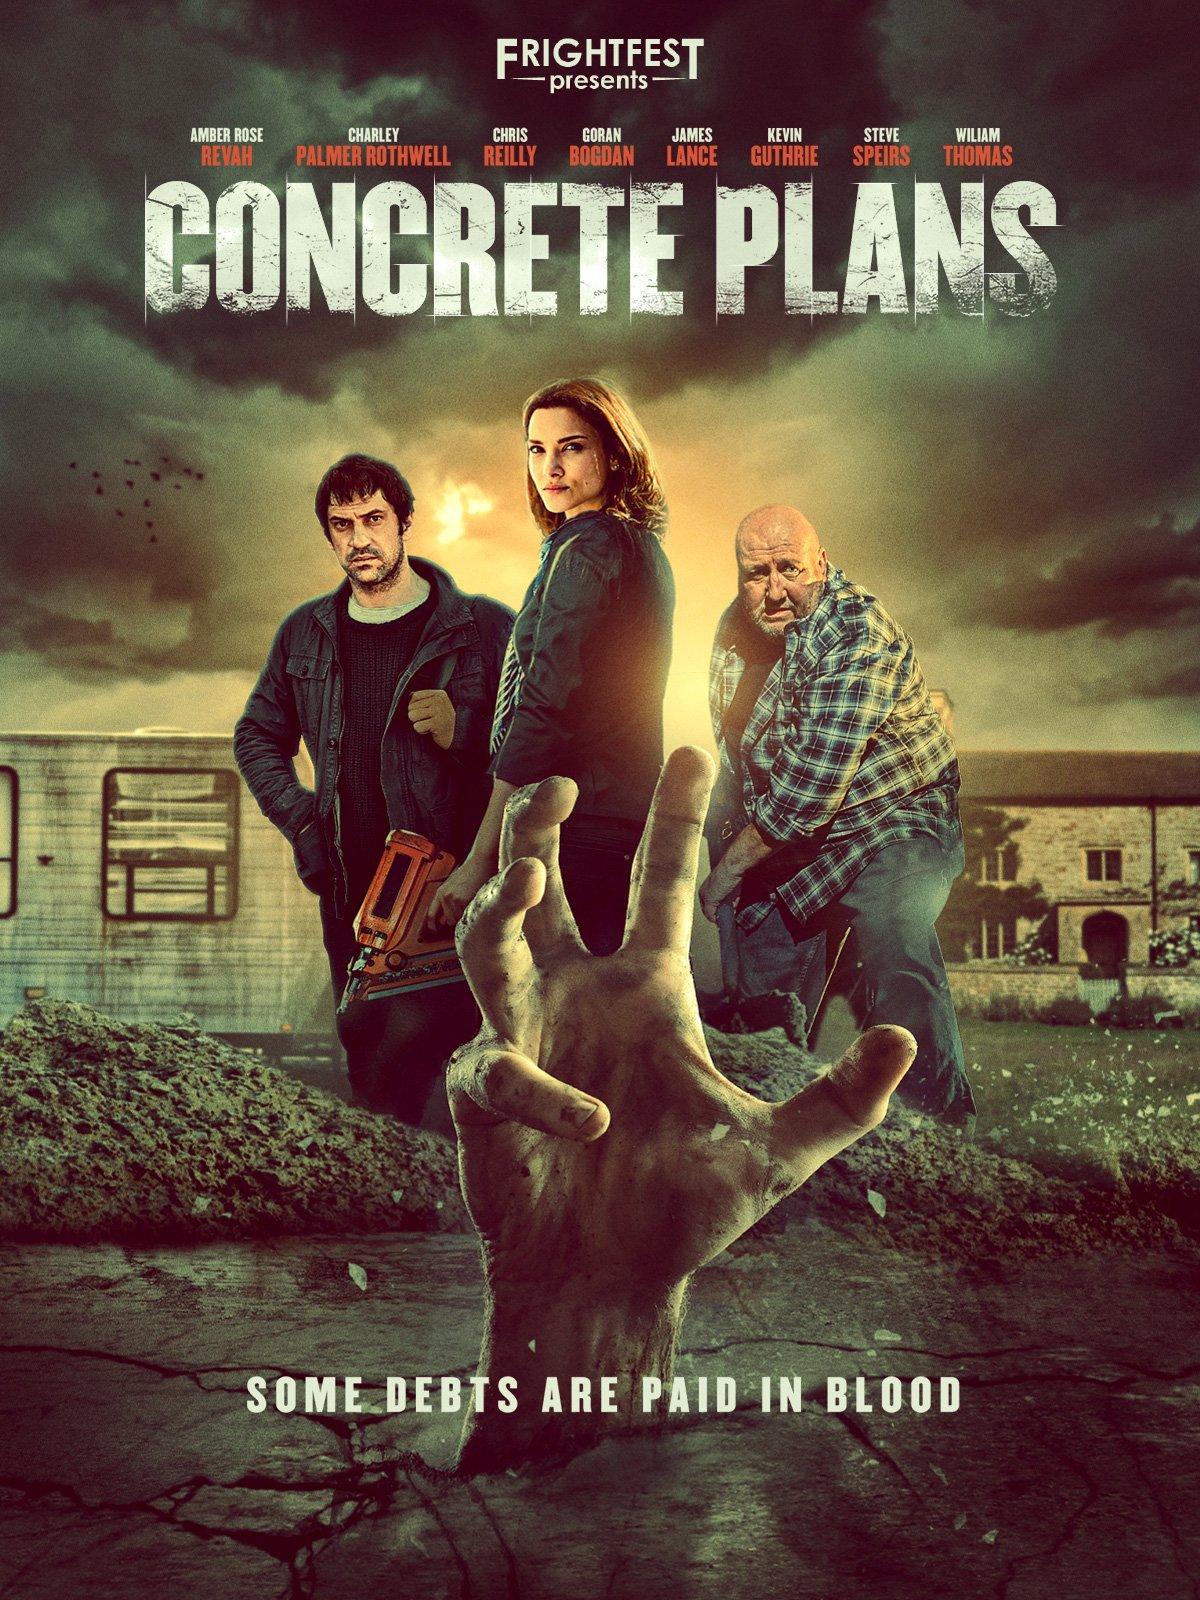 Concrete Plans (Signature Entertainment, 13th November 2020) Poster